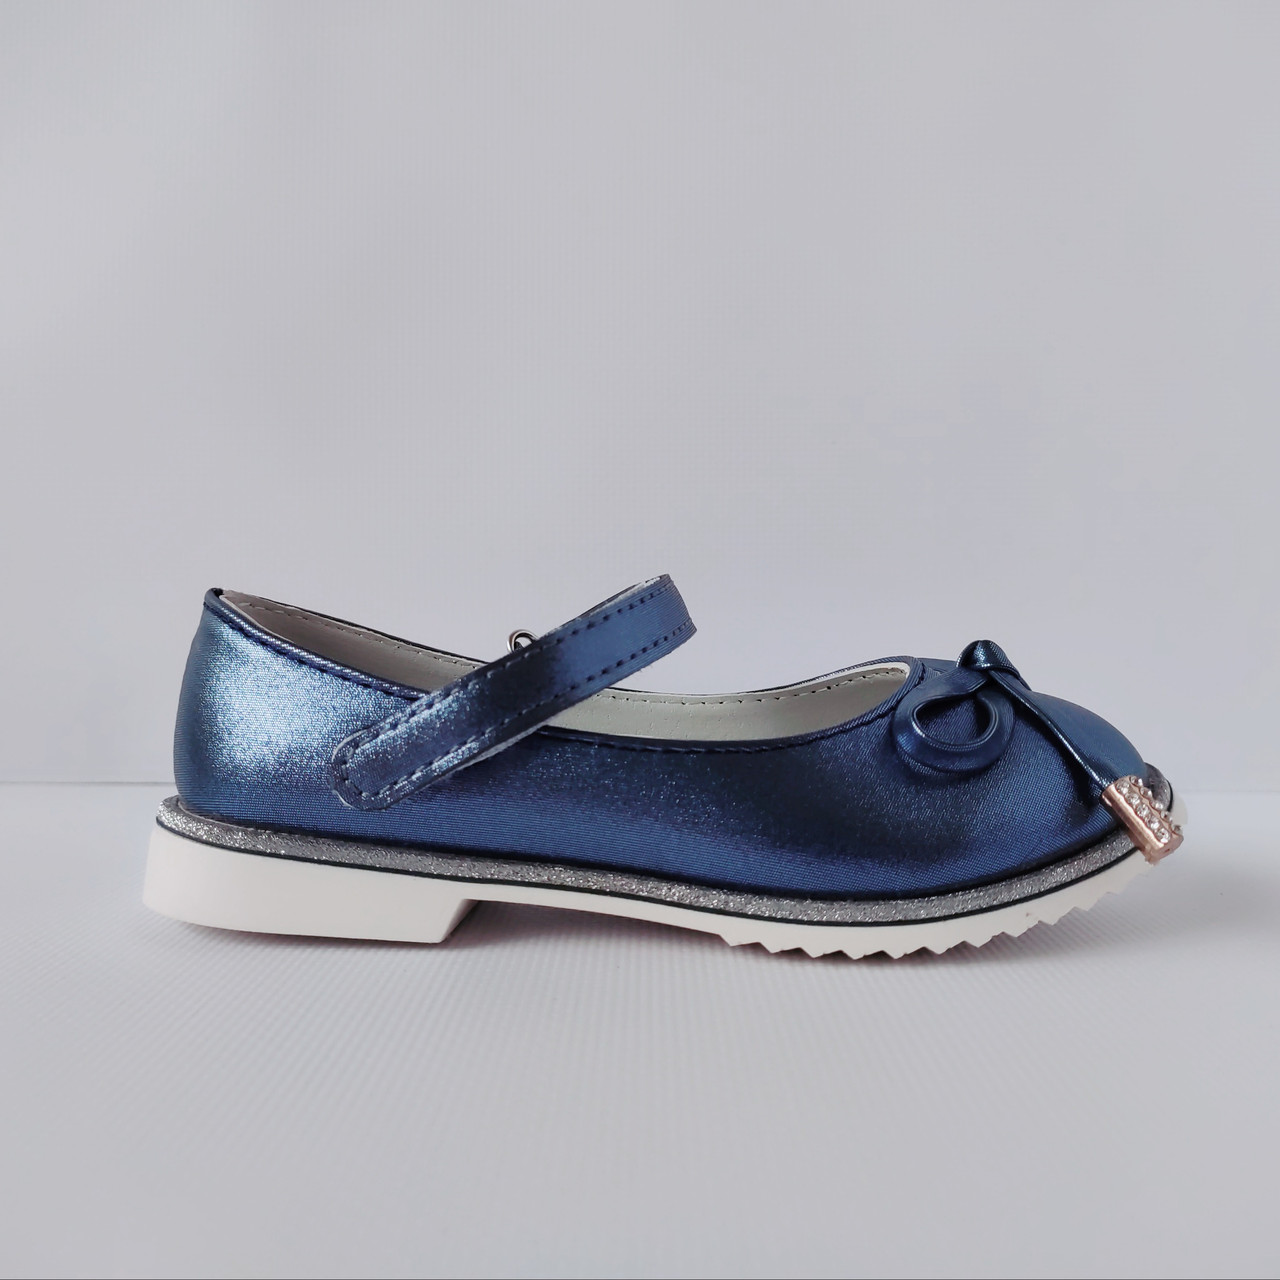 Нарядные детские синие туфли на каблучке девочкам, праздничные, комфортные